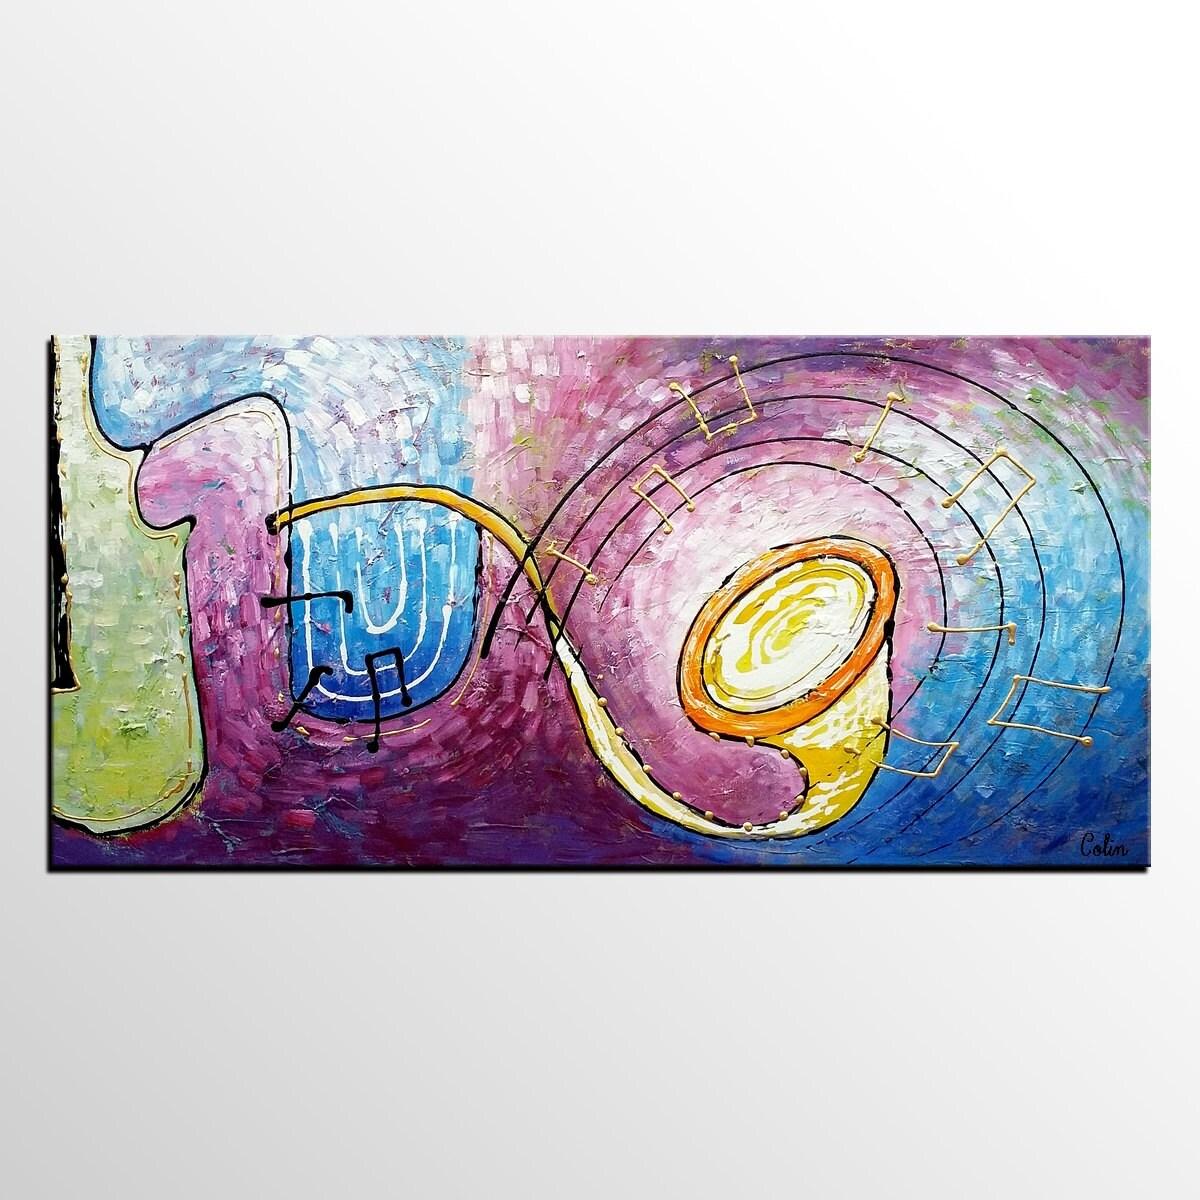 Abstrakte kunst leinwand malerei violine malerei leinwand - Leinwand malerei ...